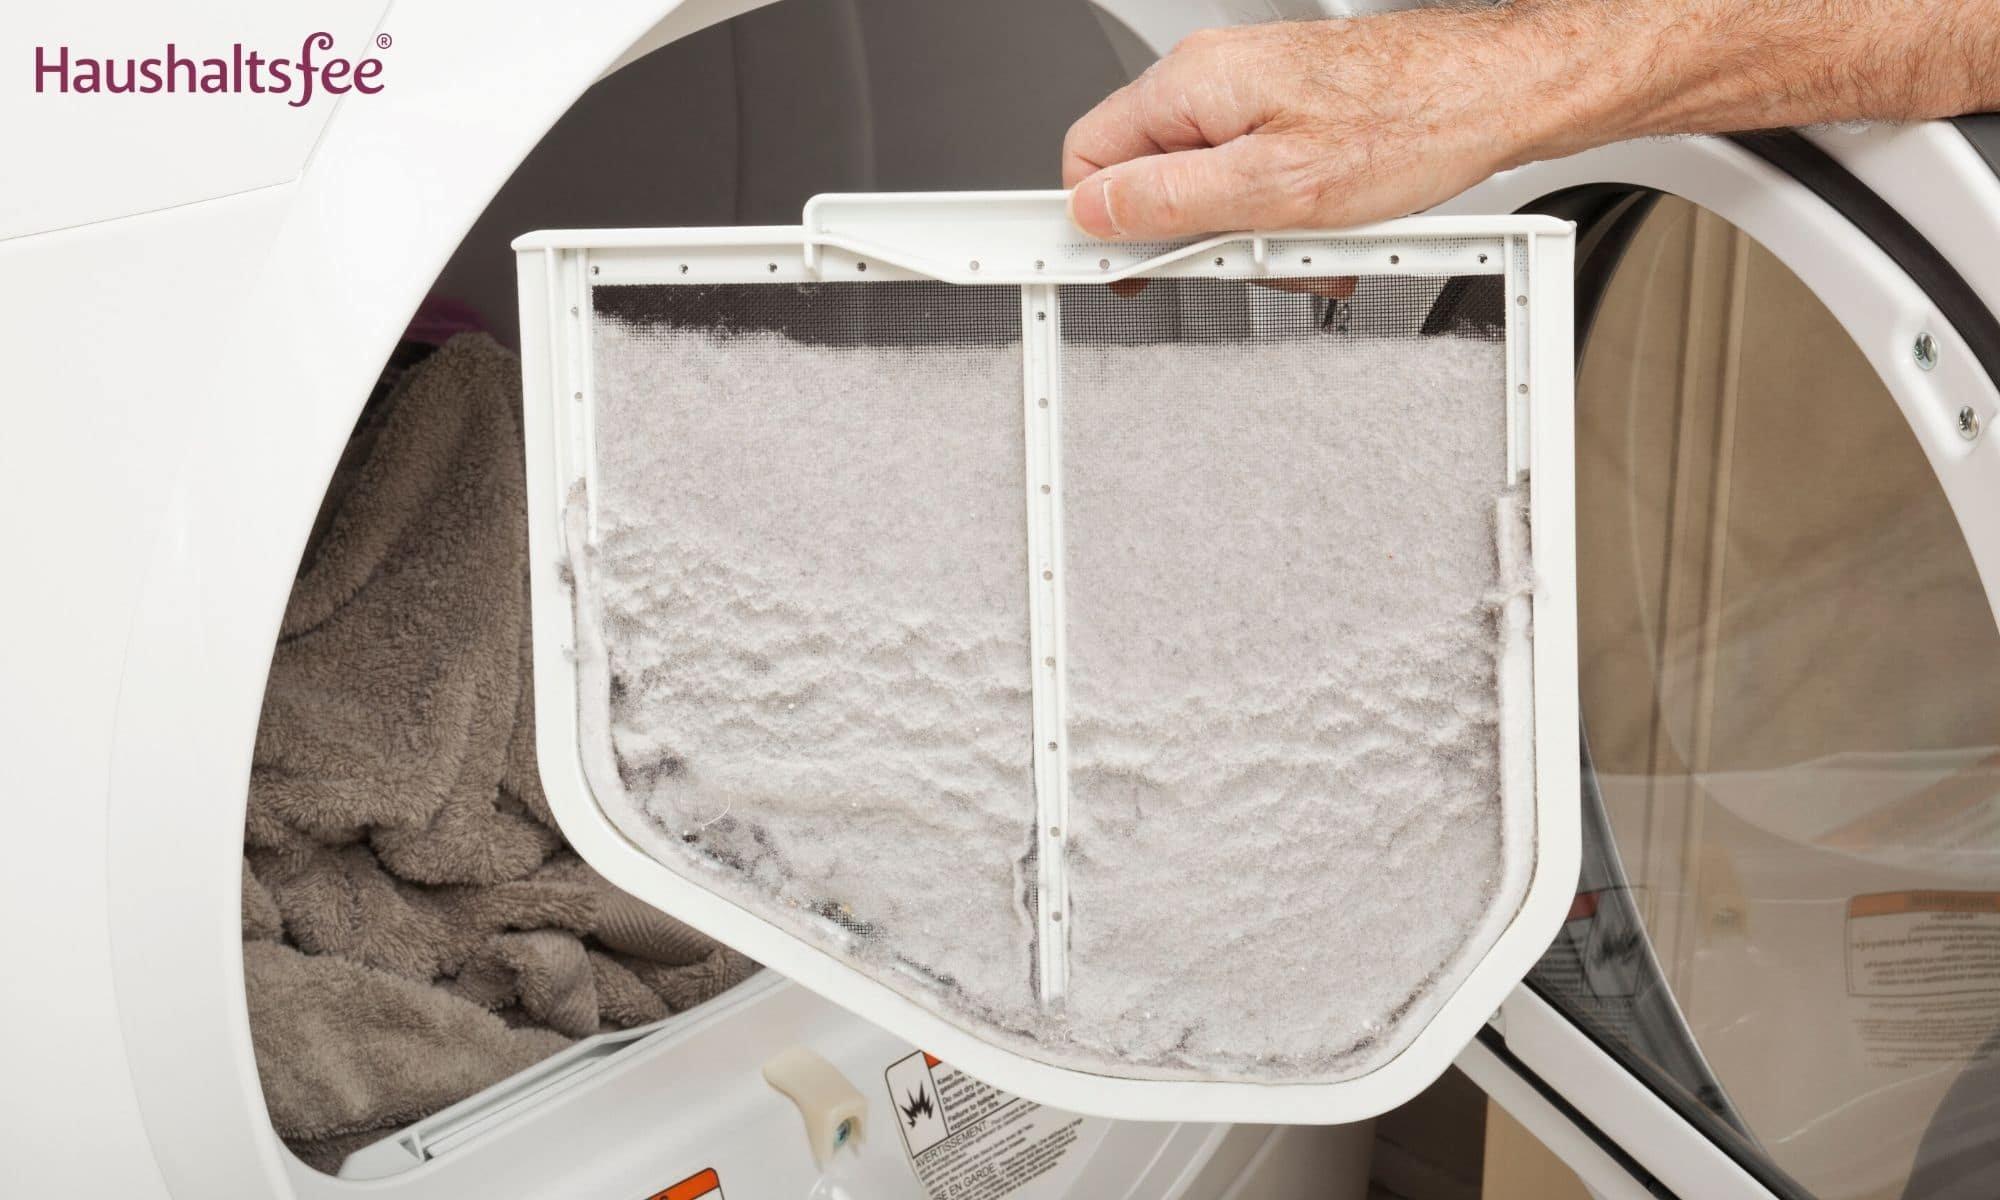 Nach dem Wäsche trocknen das Flusensieb reinigen